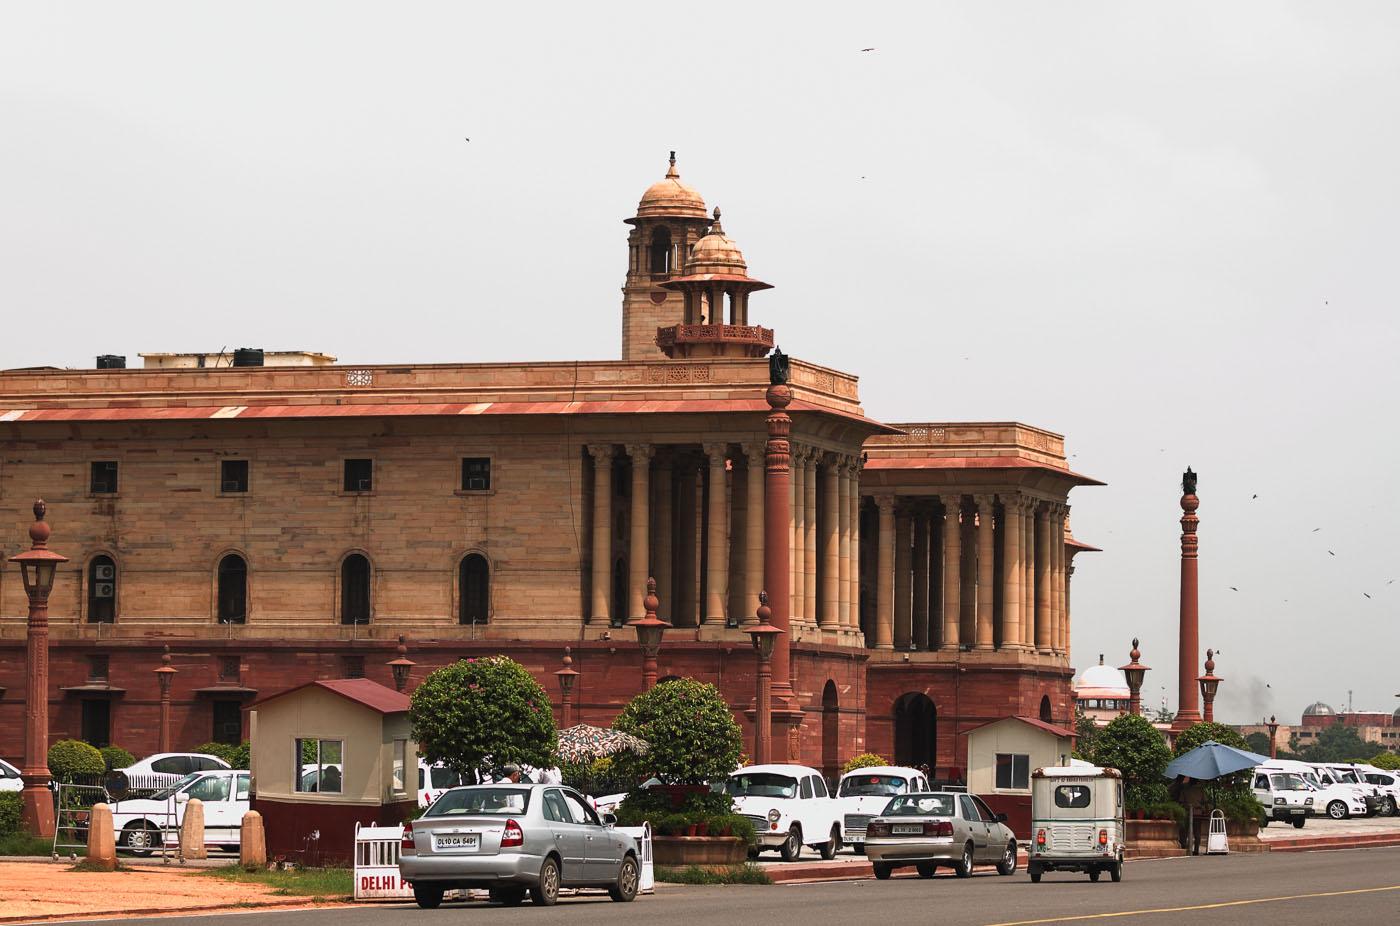 Фотография 6. Министерские здания на улице Раджпатх в Дели. Туры в Индию из Москвы.